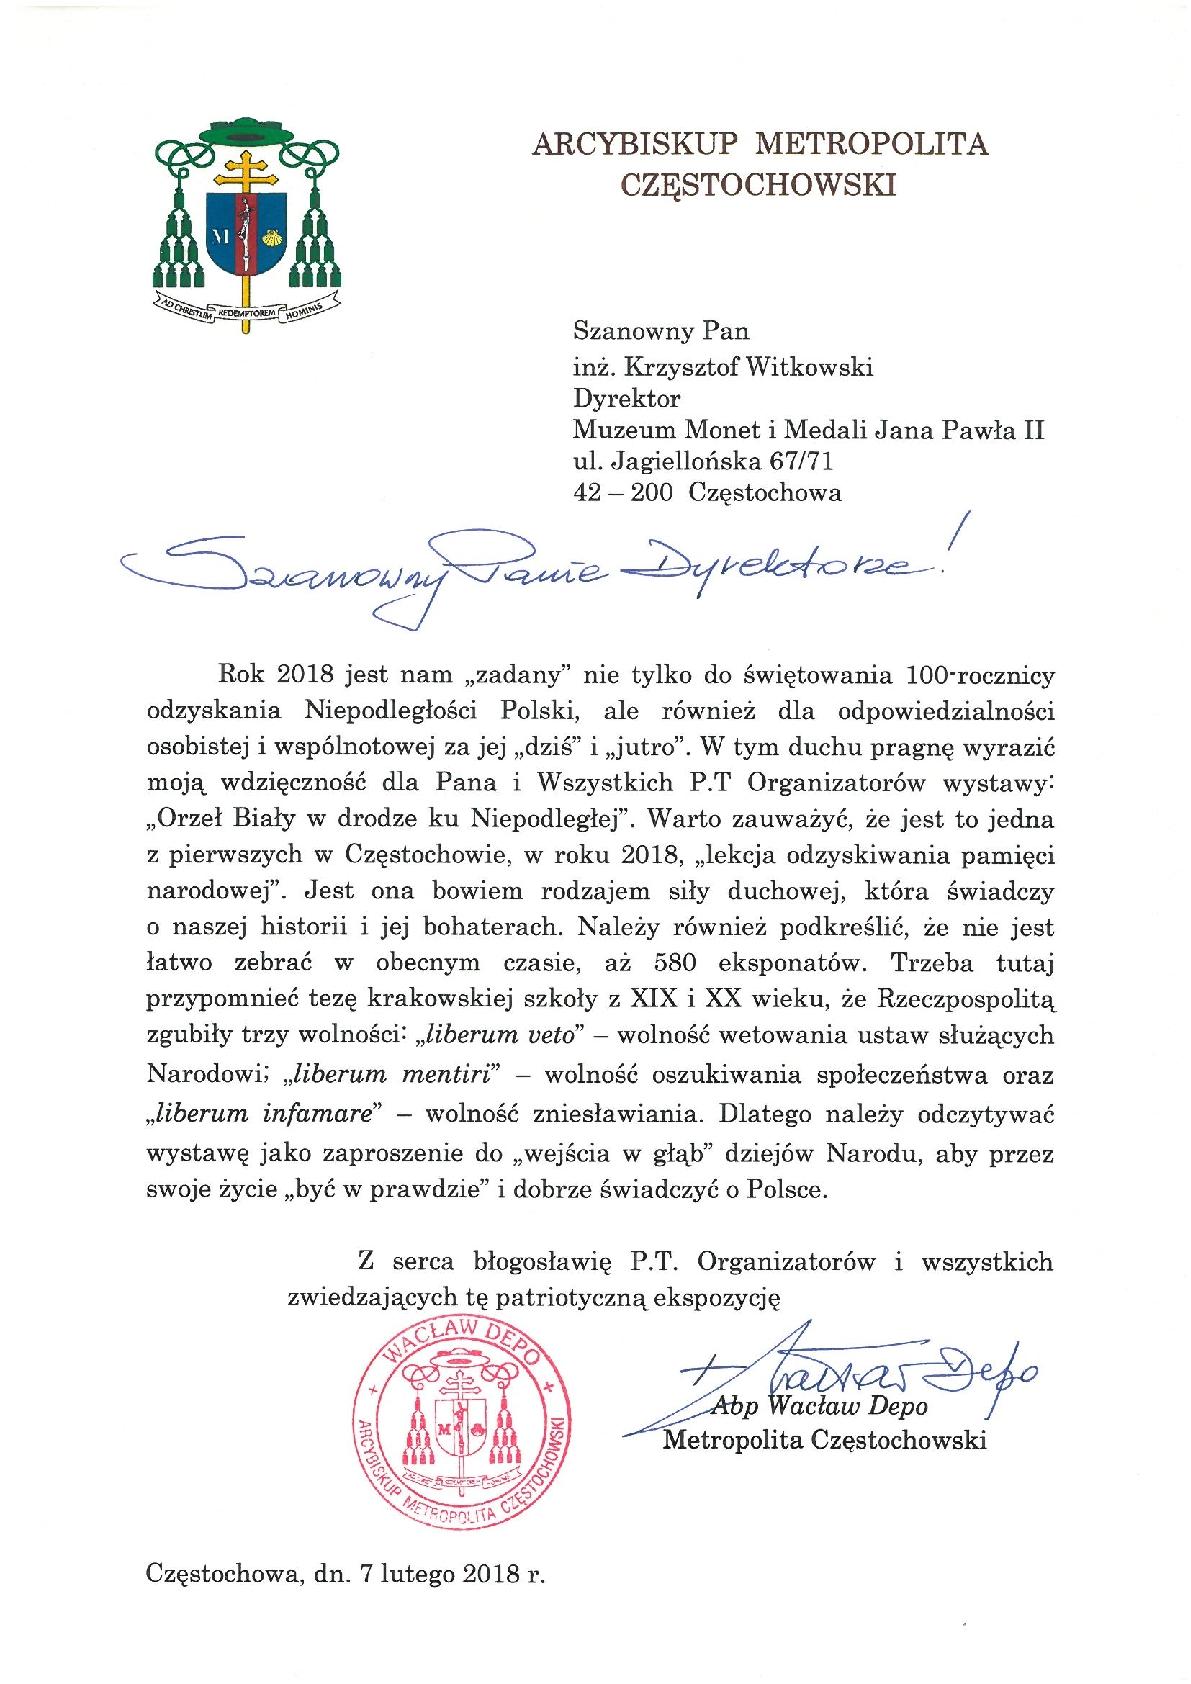 List abpa Wacława Depo, Metropolity Częstochowskiego, który podczas oficjalnego otwarcia odczytał bp Andrzej Przybylski